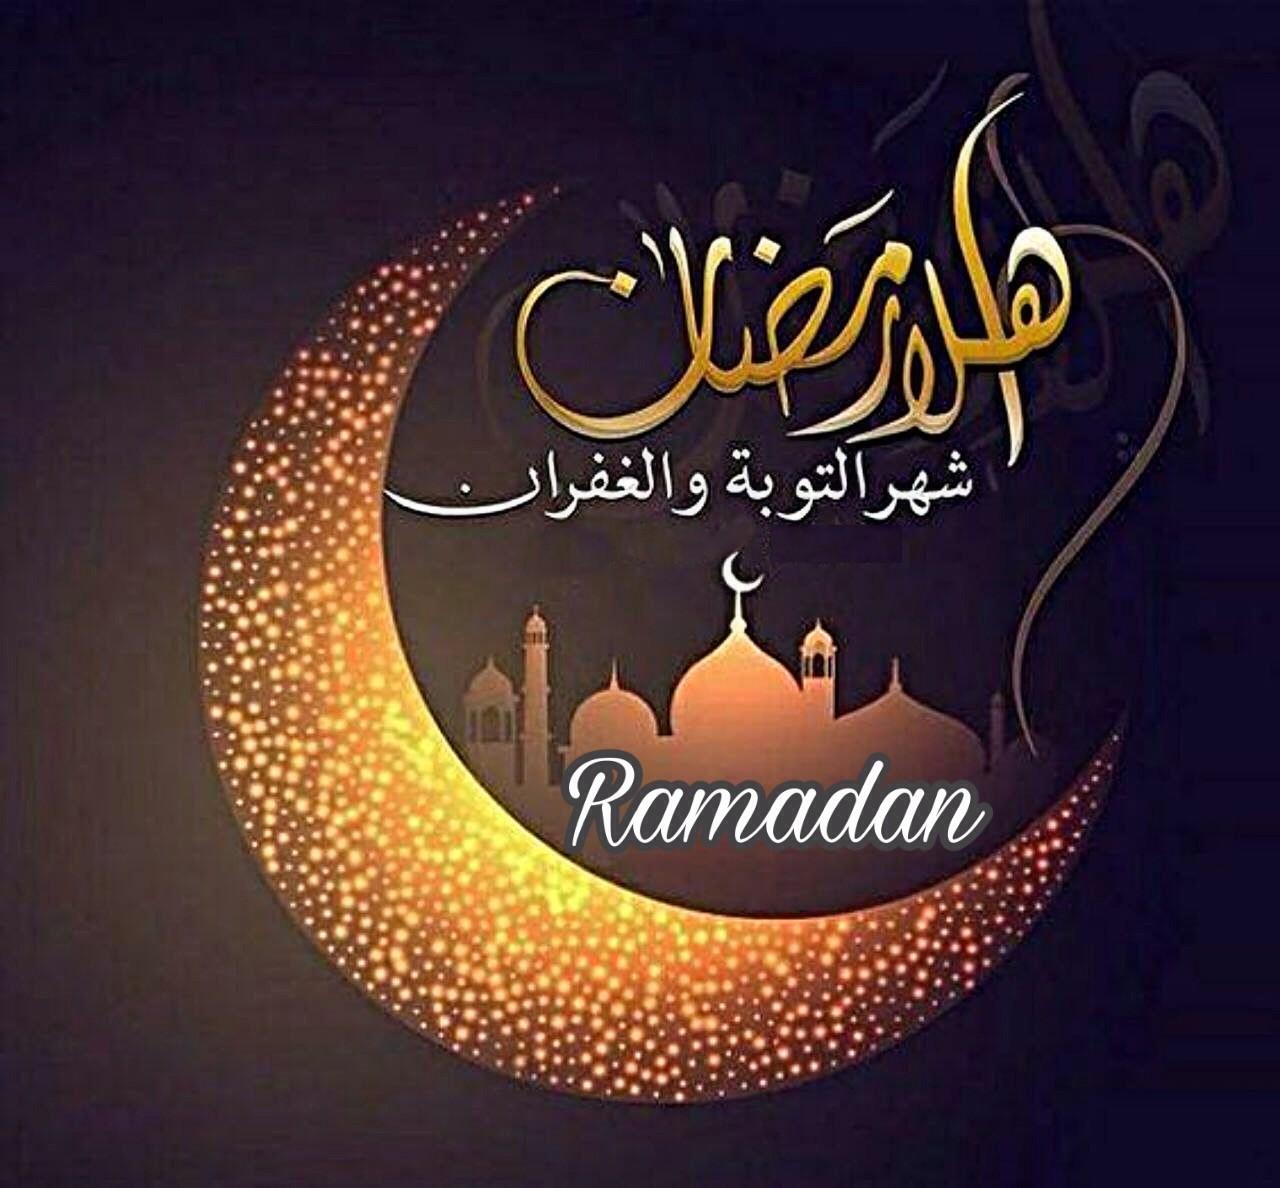 صورة صور رمضان 2019, الاحتفال بشهر رمضان المبارك 4750